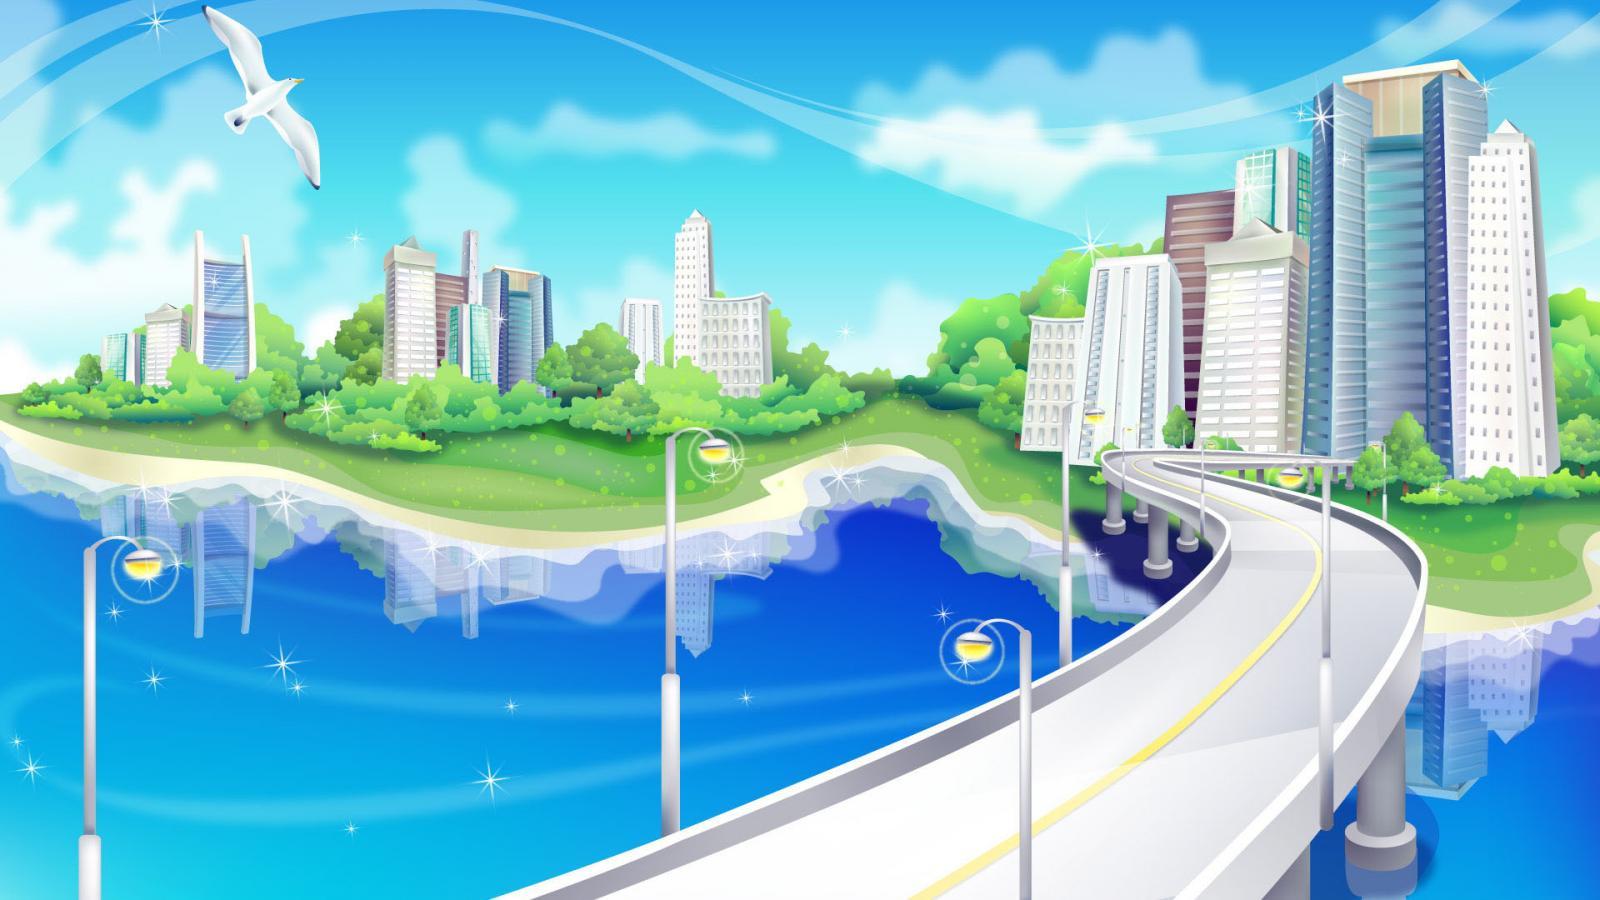 Wallpaper World Peace 1600 x 900 widescreen Desktop wallpapers 1600x900